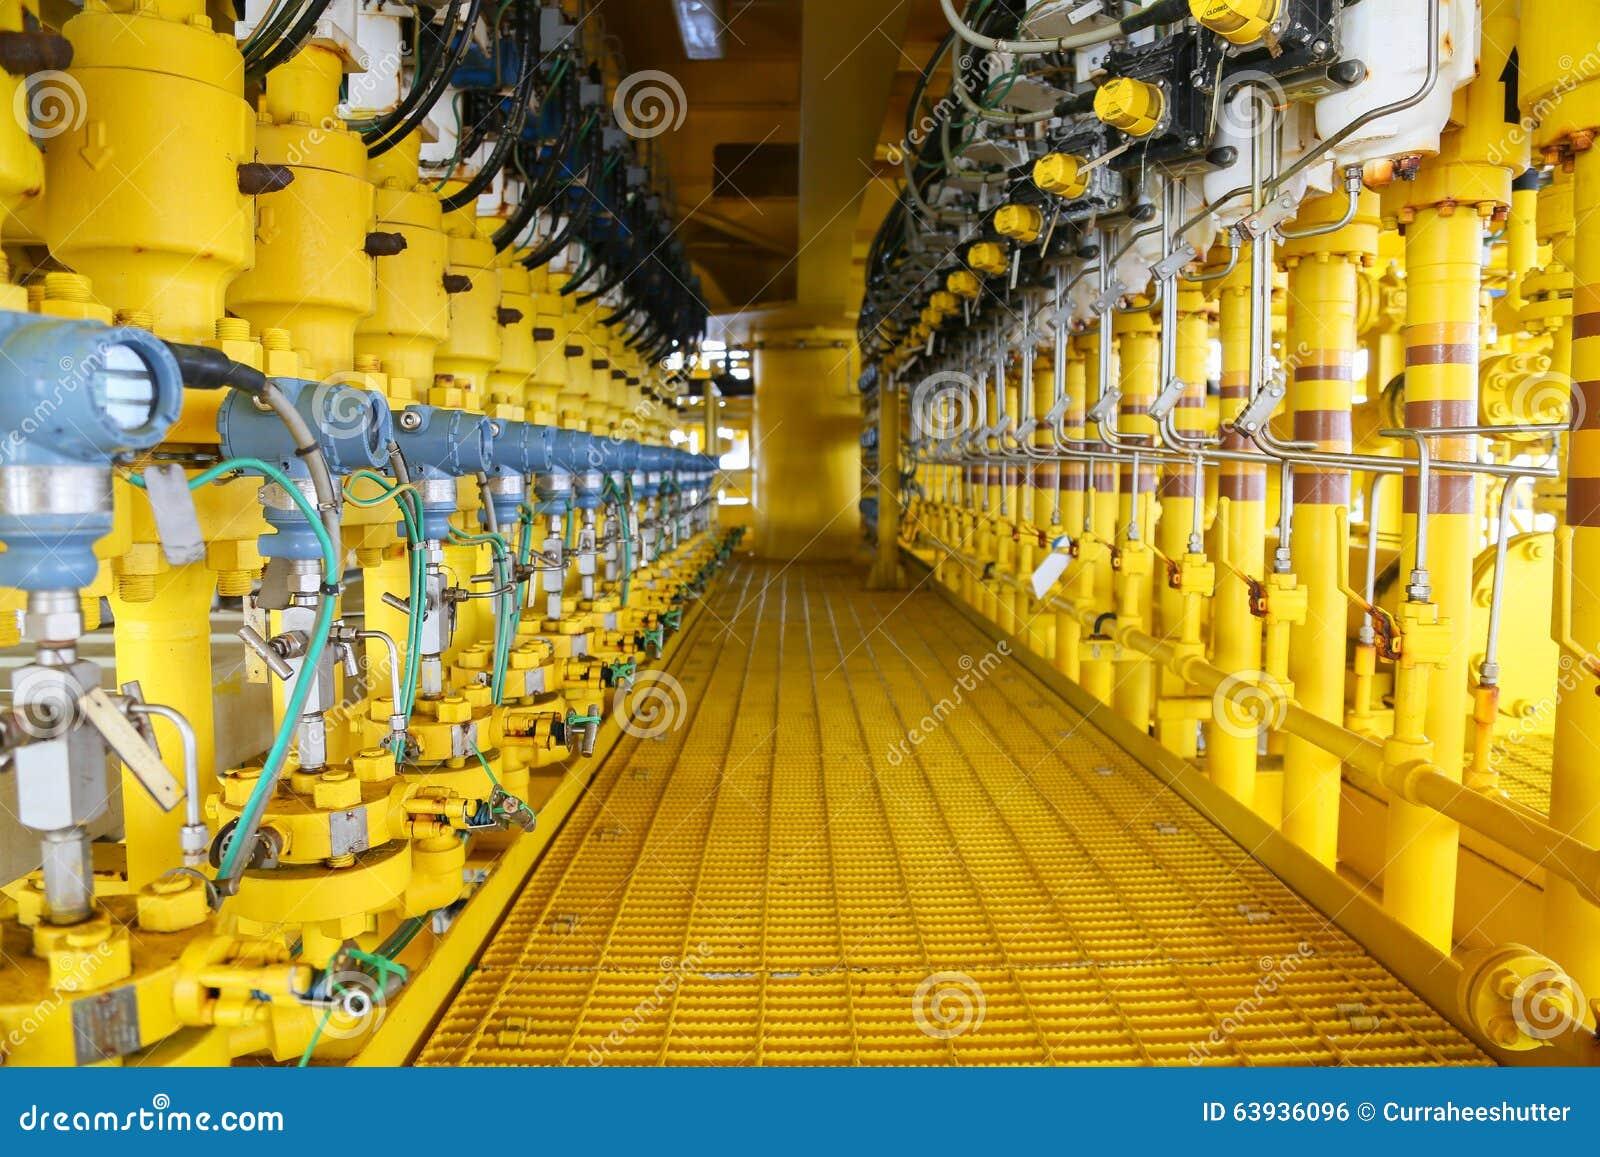 Druckgeber im Öl und im Gas verarbeiten, schicken Signal zum Prüfer- und Lesedruck im System, Übermittler im Öl